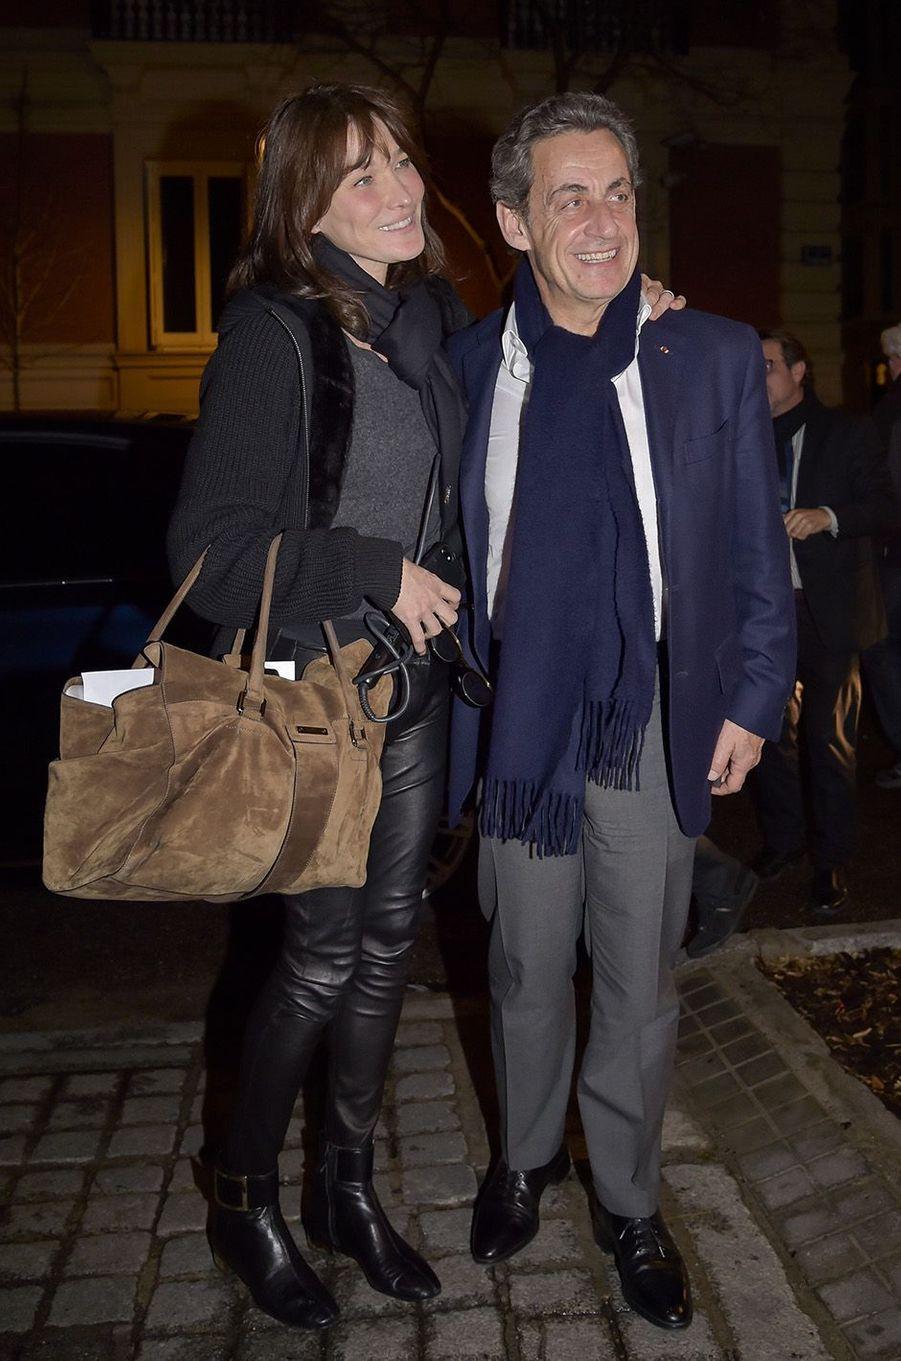 Carla Bruni en concert à Madrid en compagnie de son époux Nicolas Sarkozy, le 10 janvier 2018.